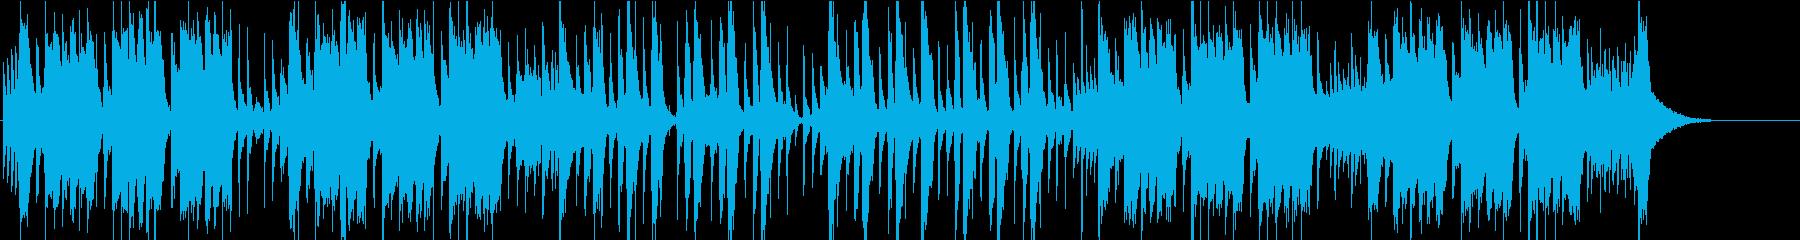 コミカルでゴリゴリのギターロックの再生済みの波形